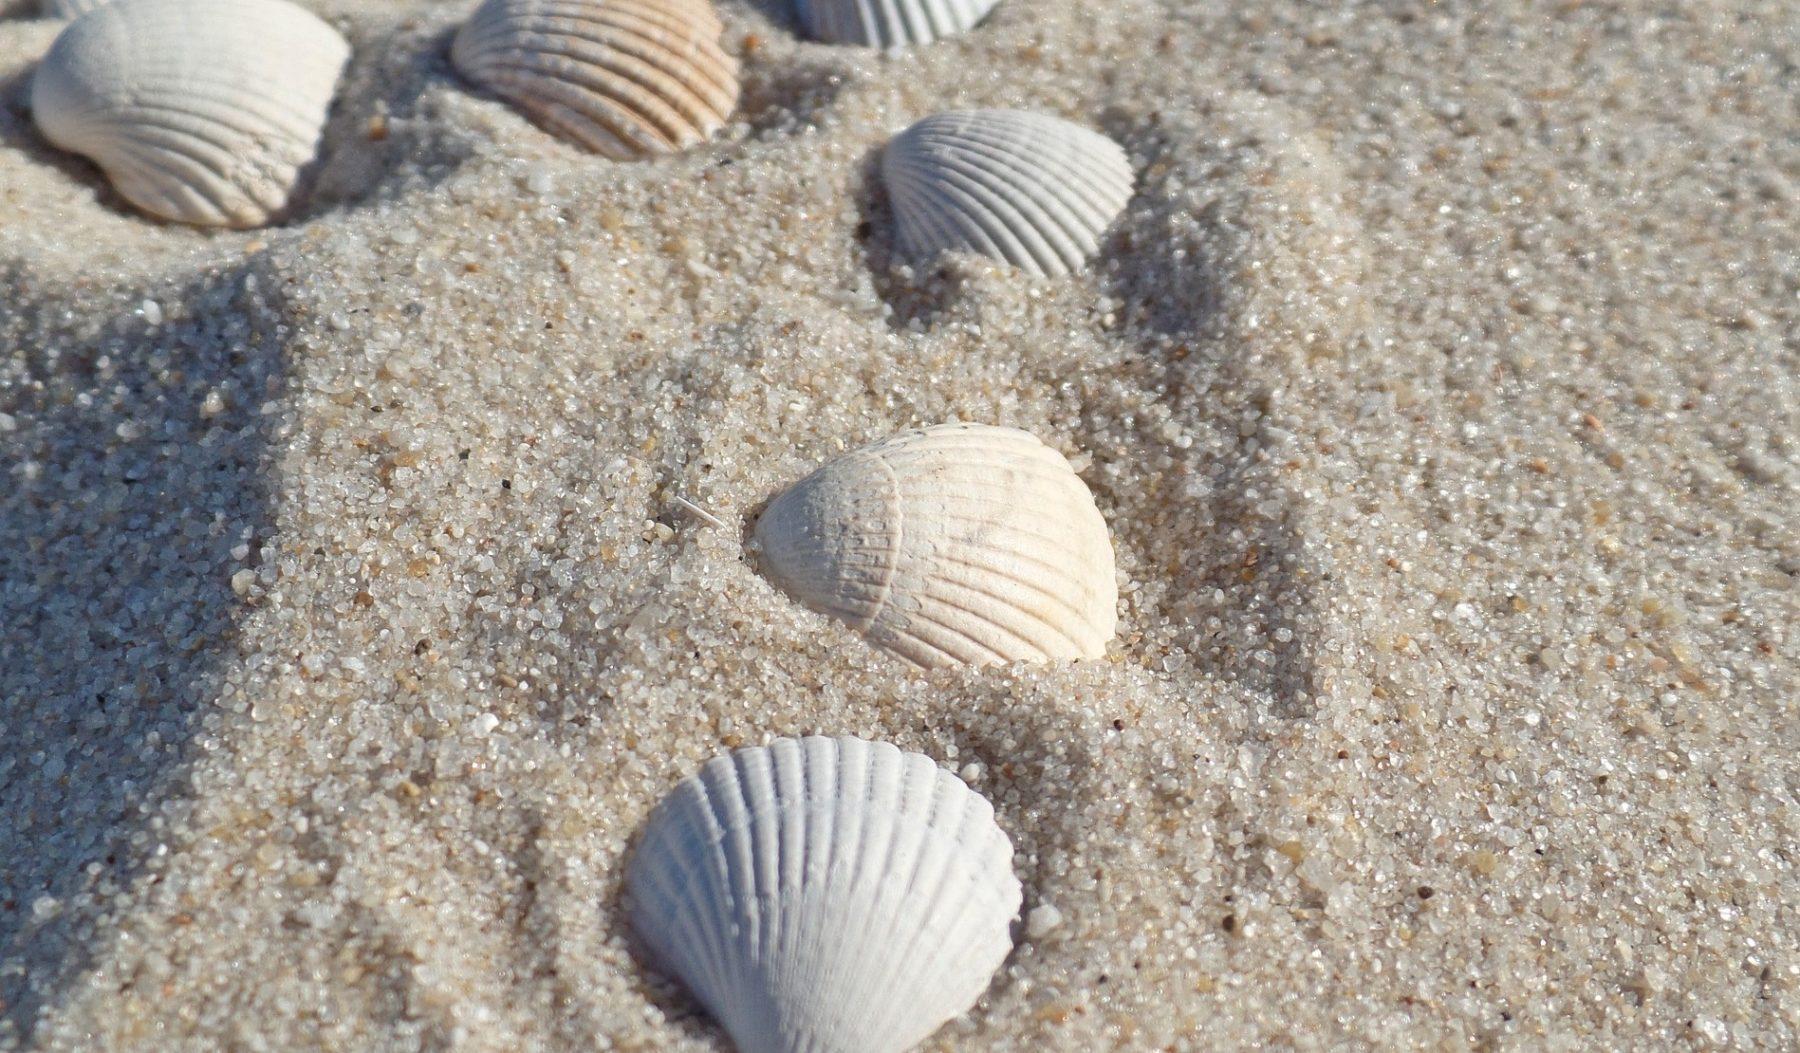 Muschelkalkmörtel besteht hauptsächlich aus Seemuscheln und Sand. Foto: Pixabay